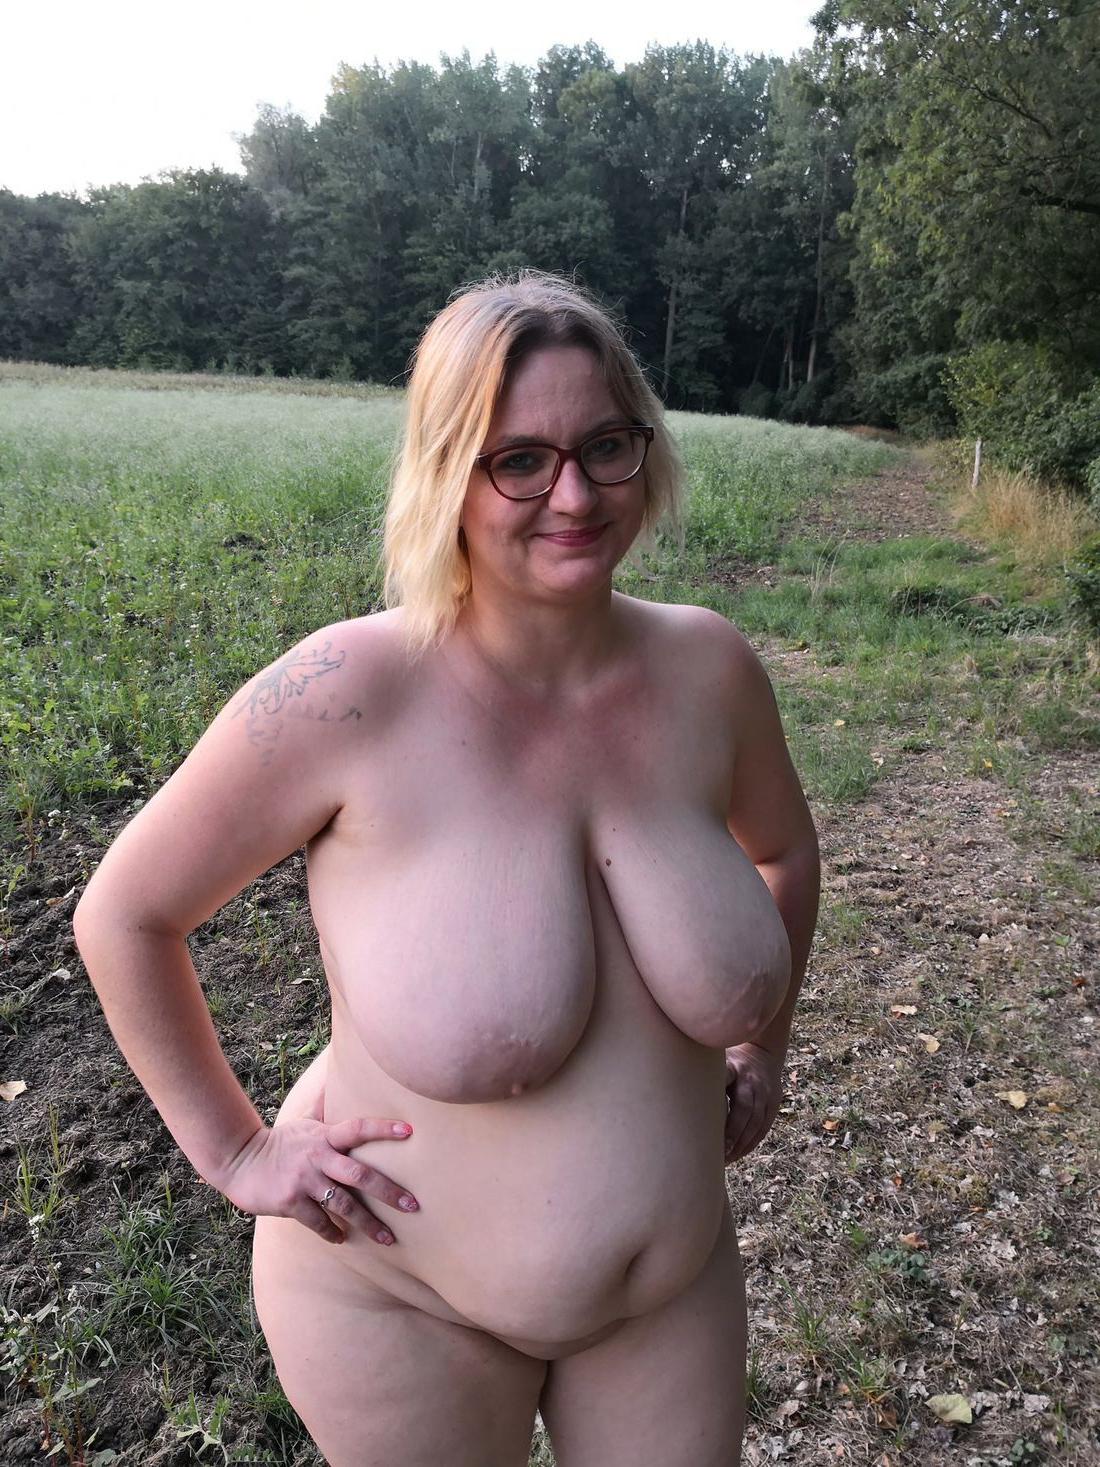 Tits pussy 2 Tits